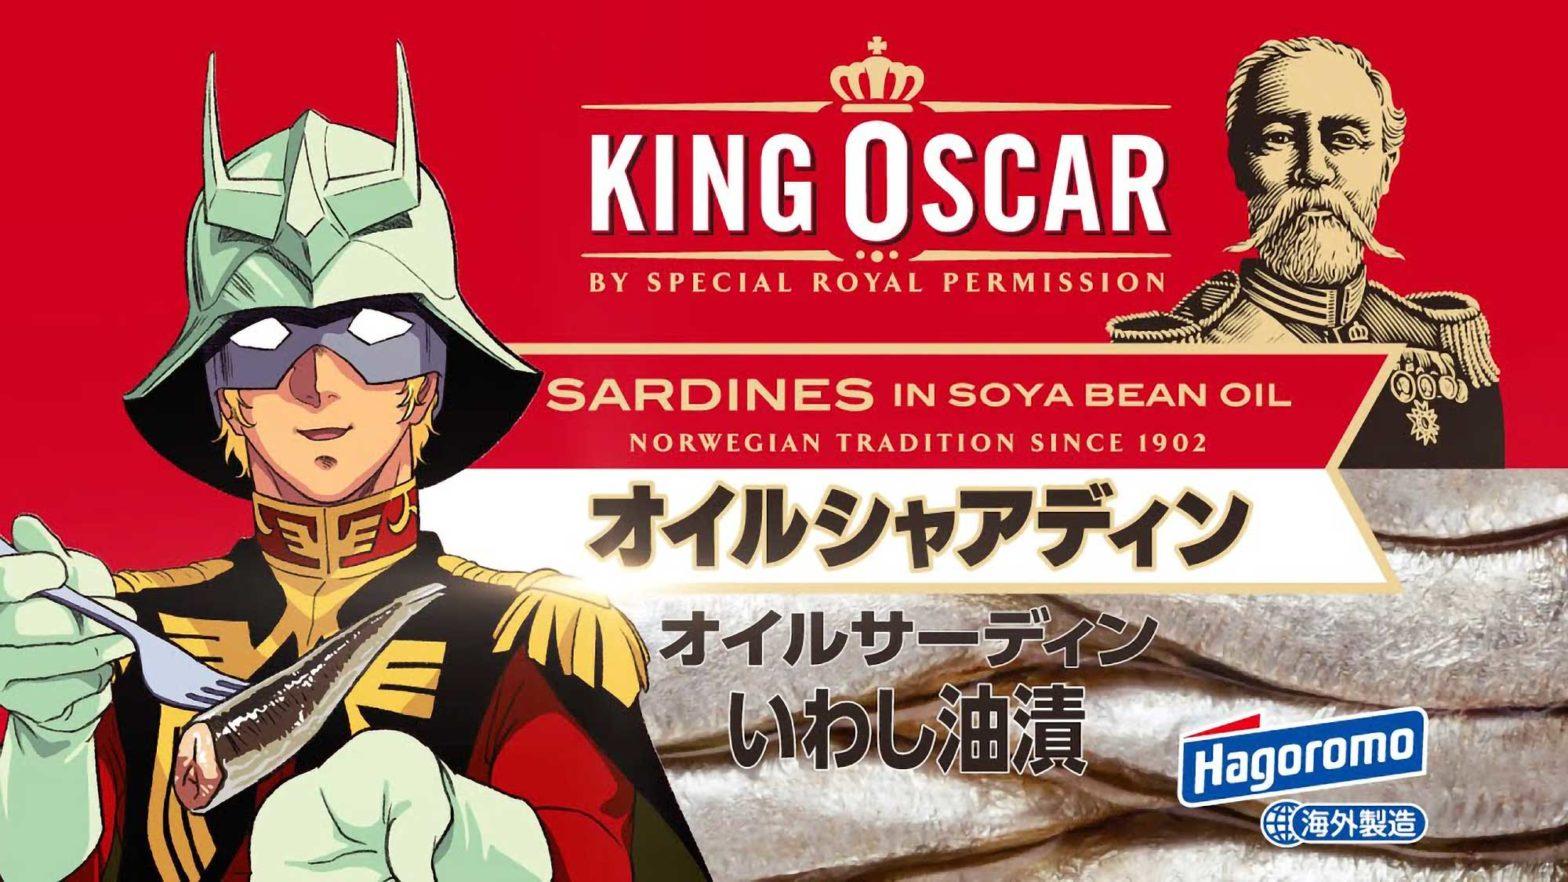 Haromoro & King Oscar Oil x Gundam Sardine